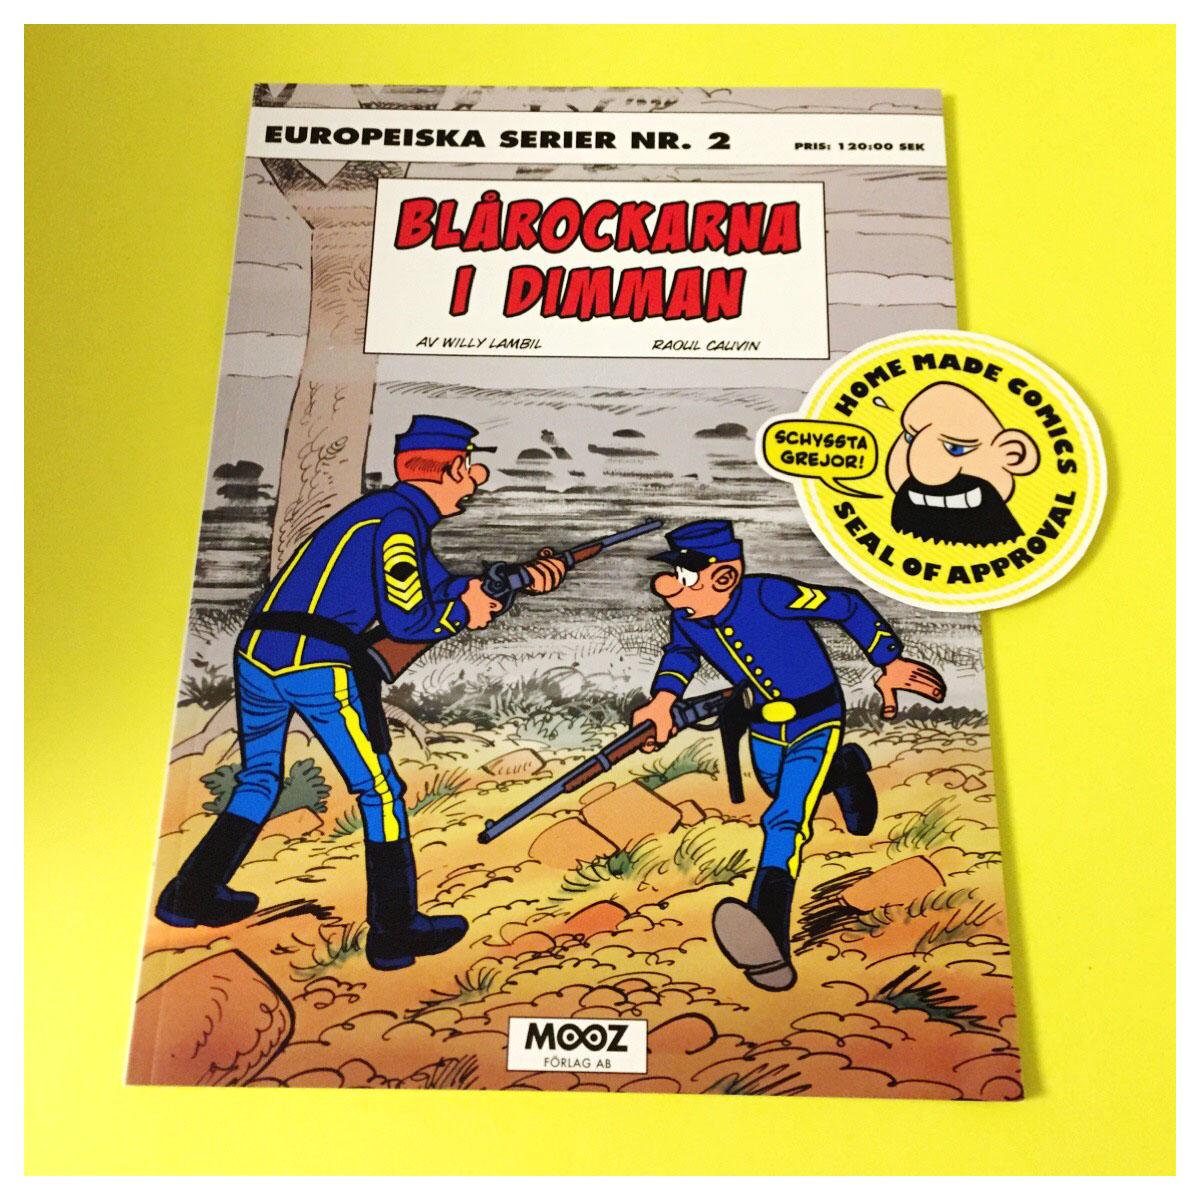 Home Made Comics Seal of Approval #181. Blårockarna i dimman av Willy Lambil och Raoul Cauvin utgiven av Mooz 2014.